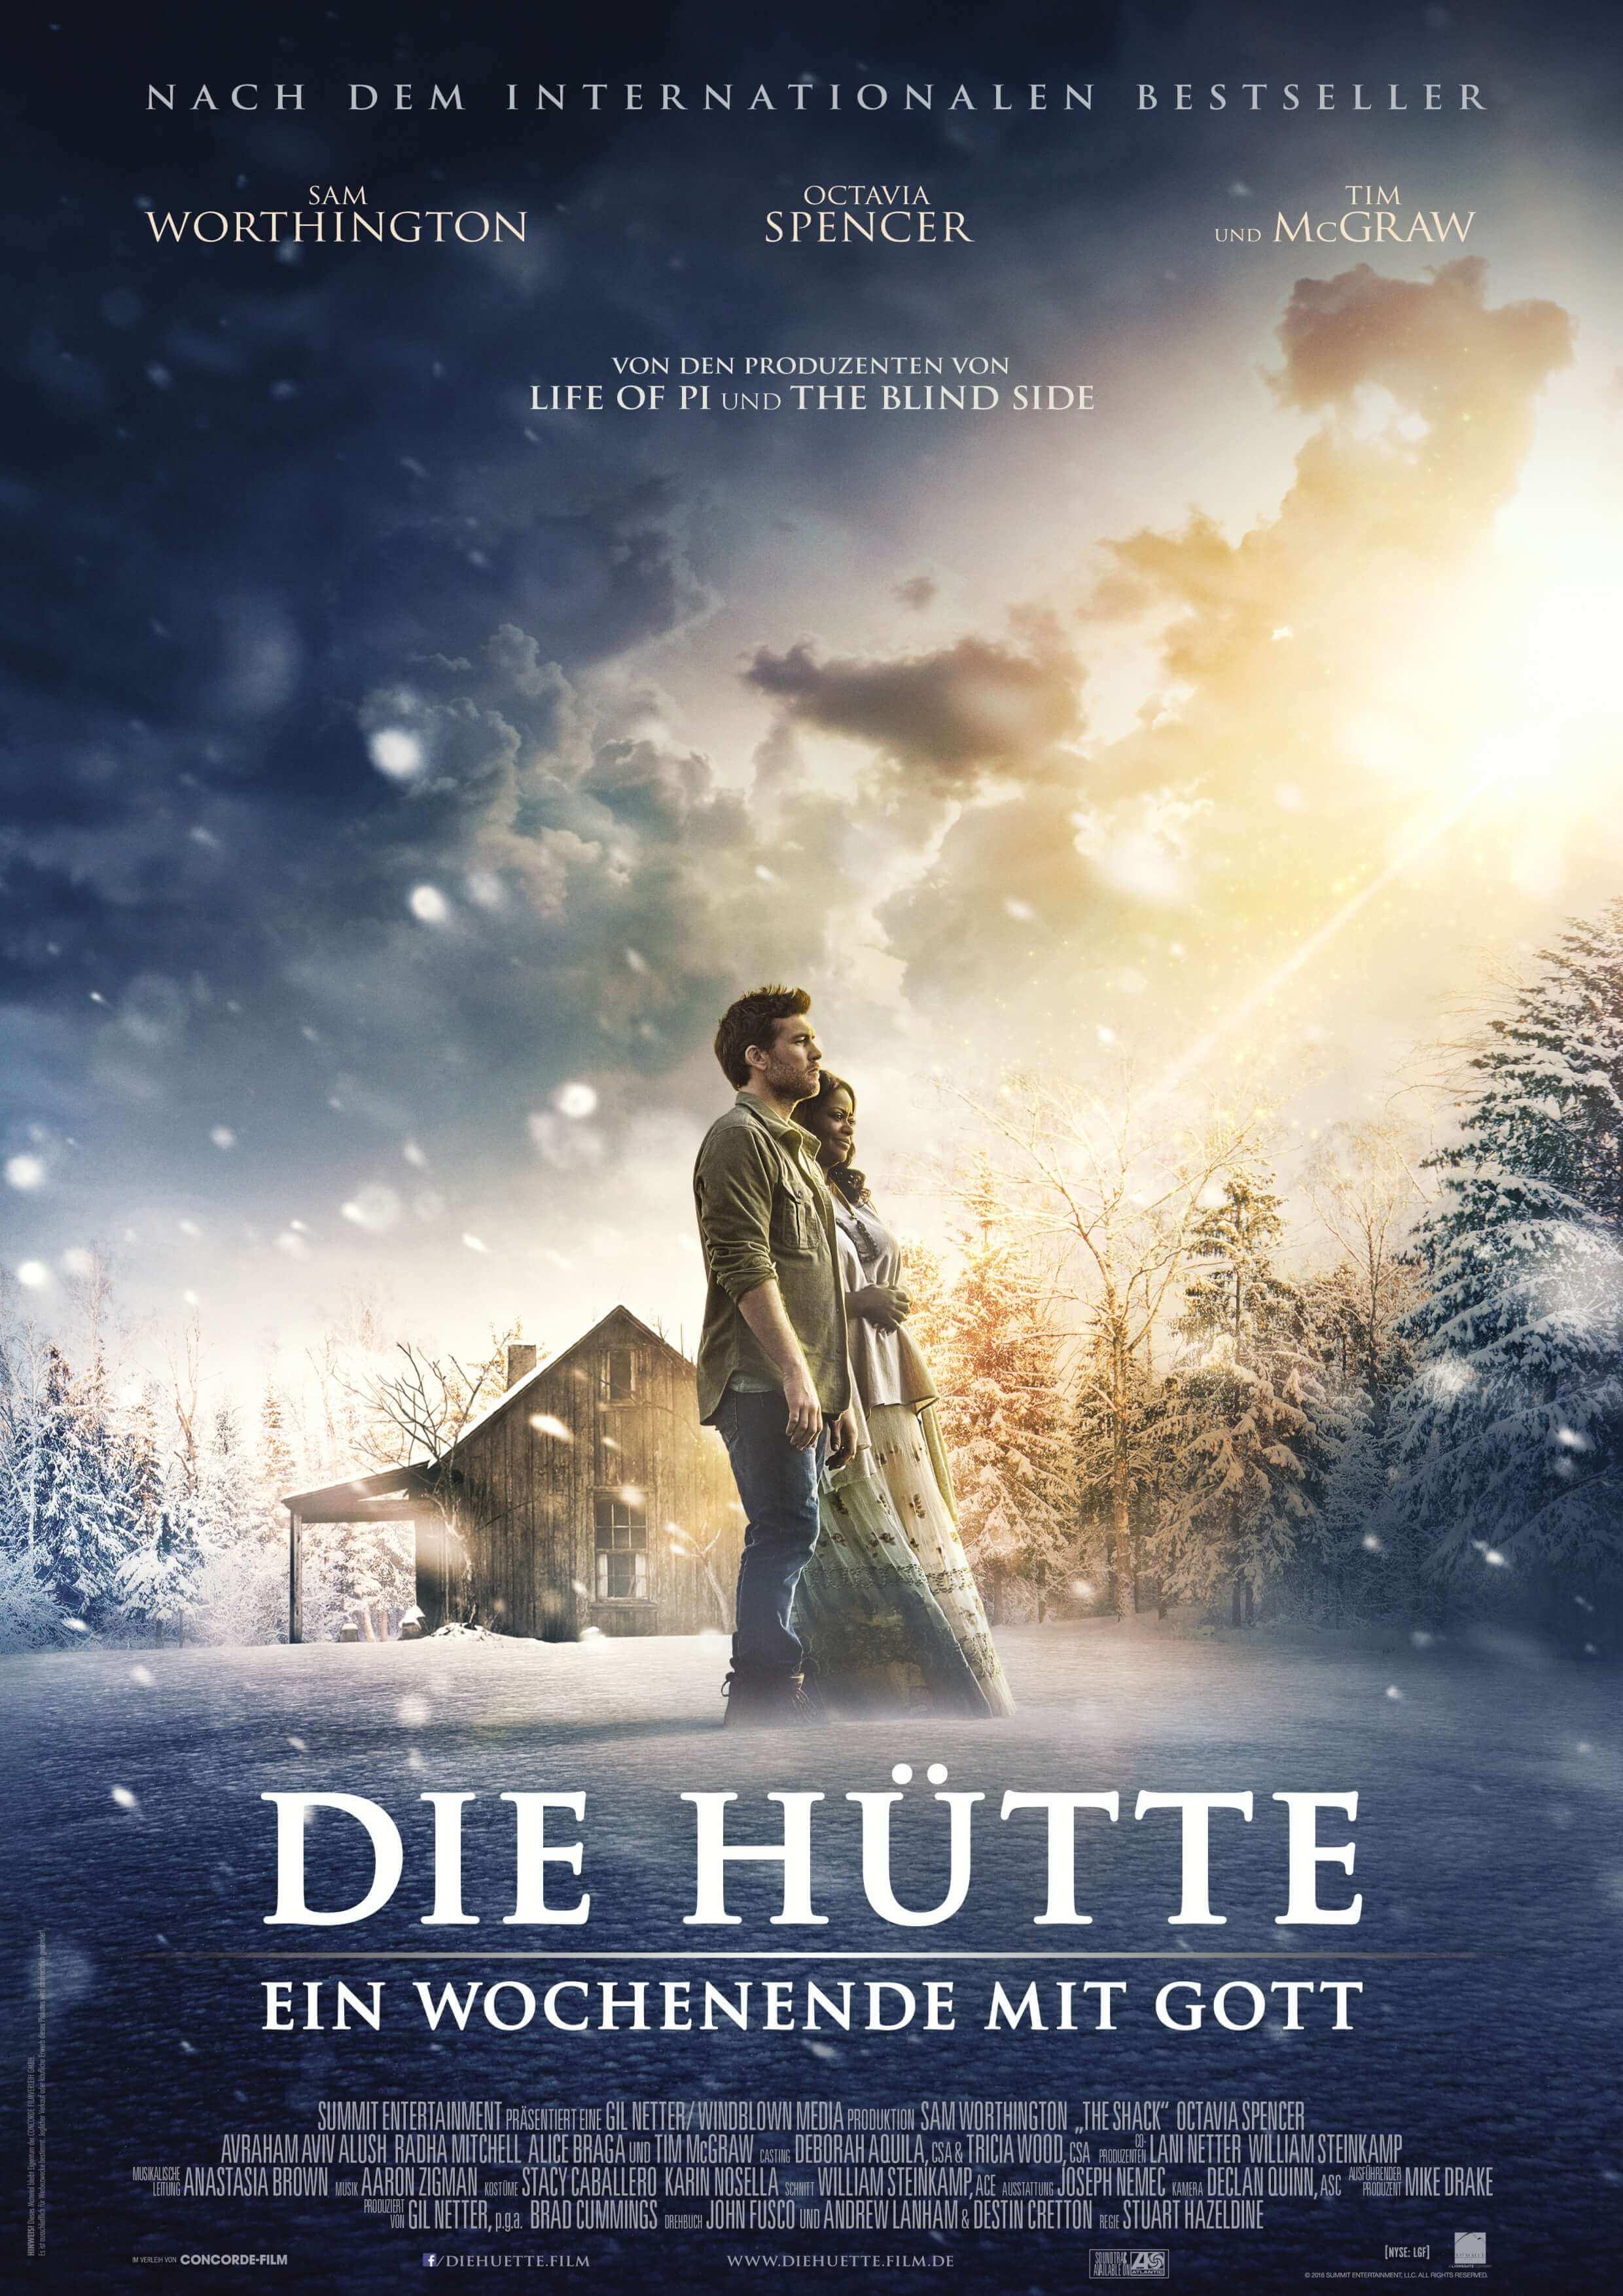 die-htte-ein-wochenende-mit-gott-2017-film